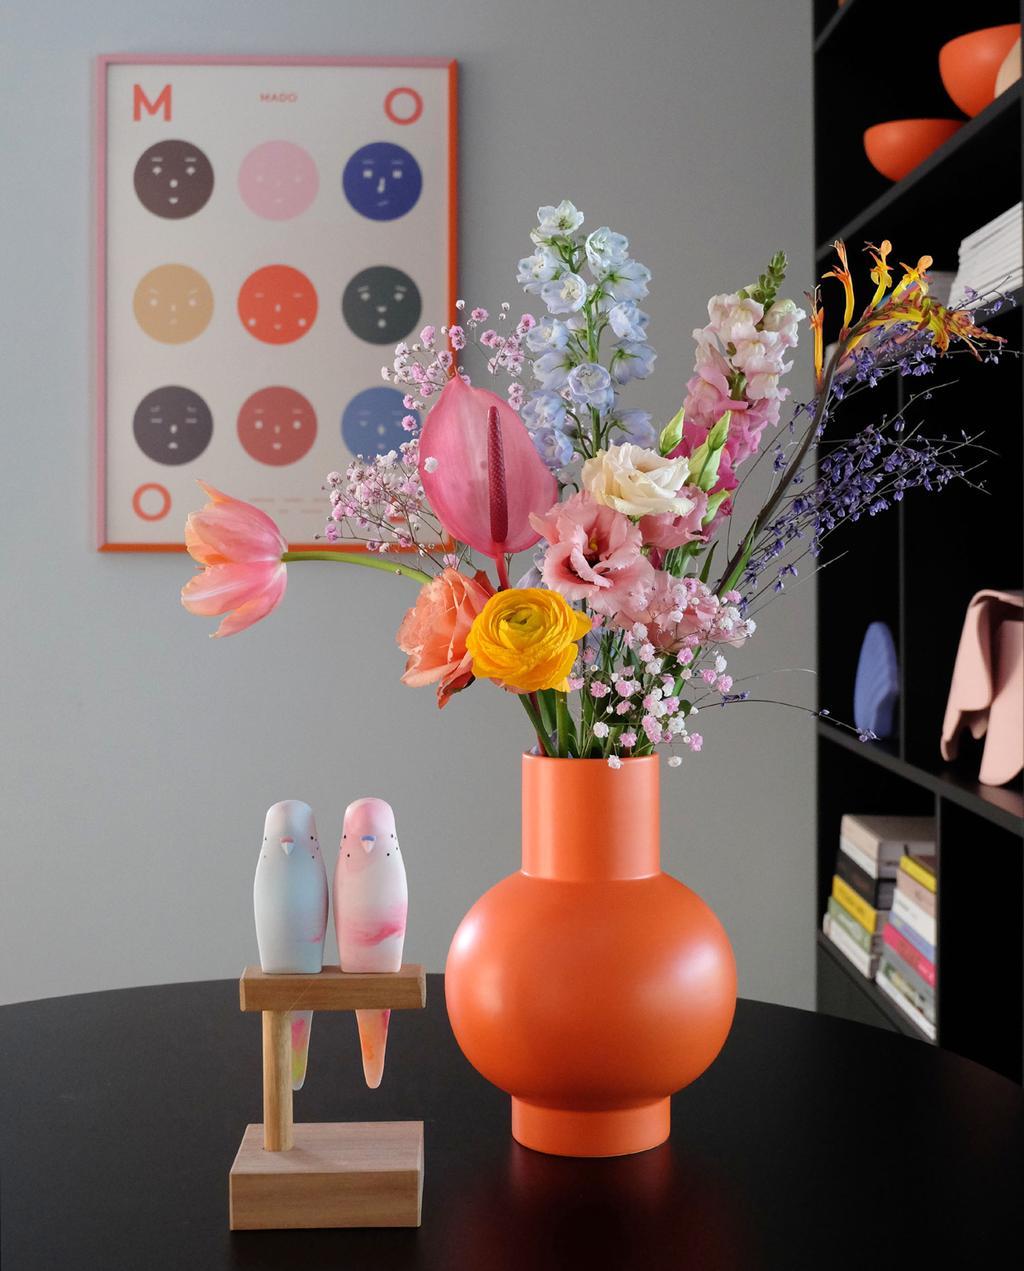 vtwonen 2020 | Blog PRCHTG oranje vaas gevuld met bloemen